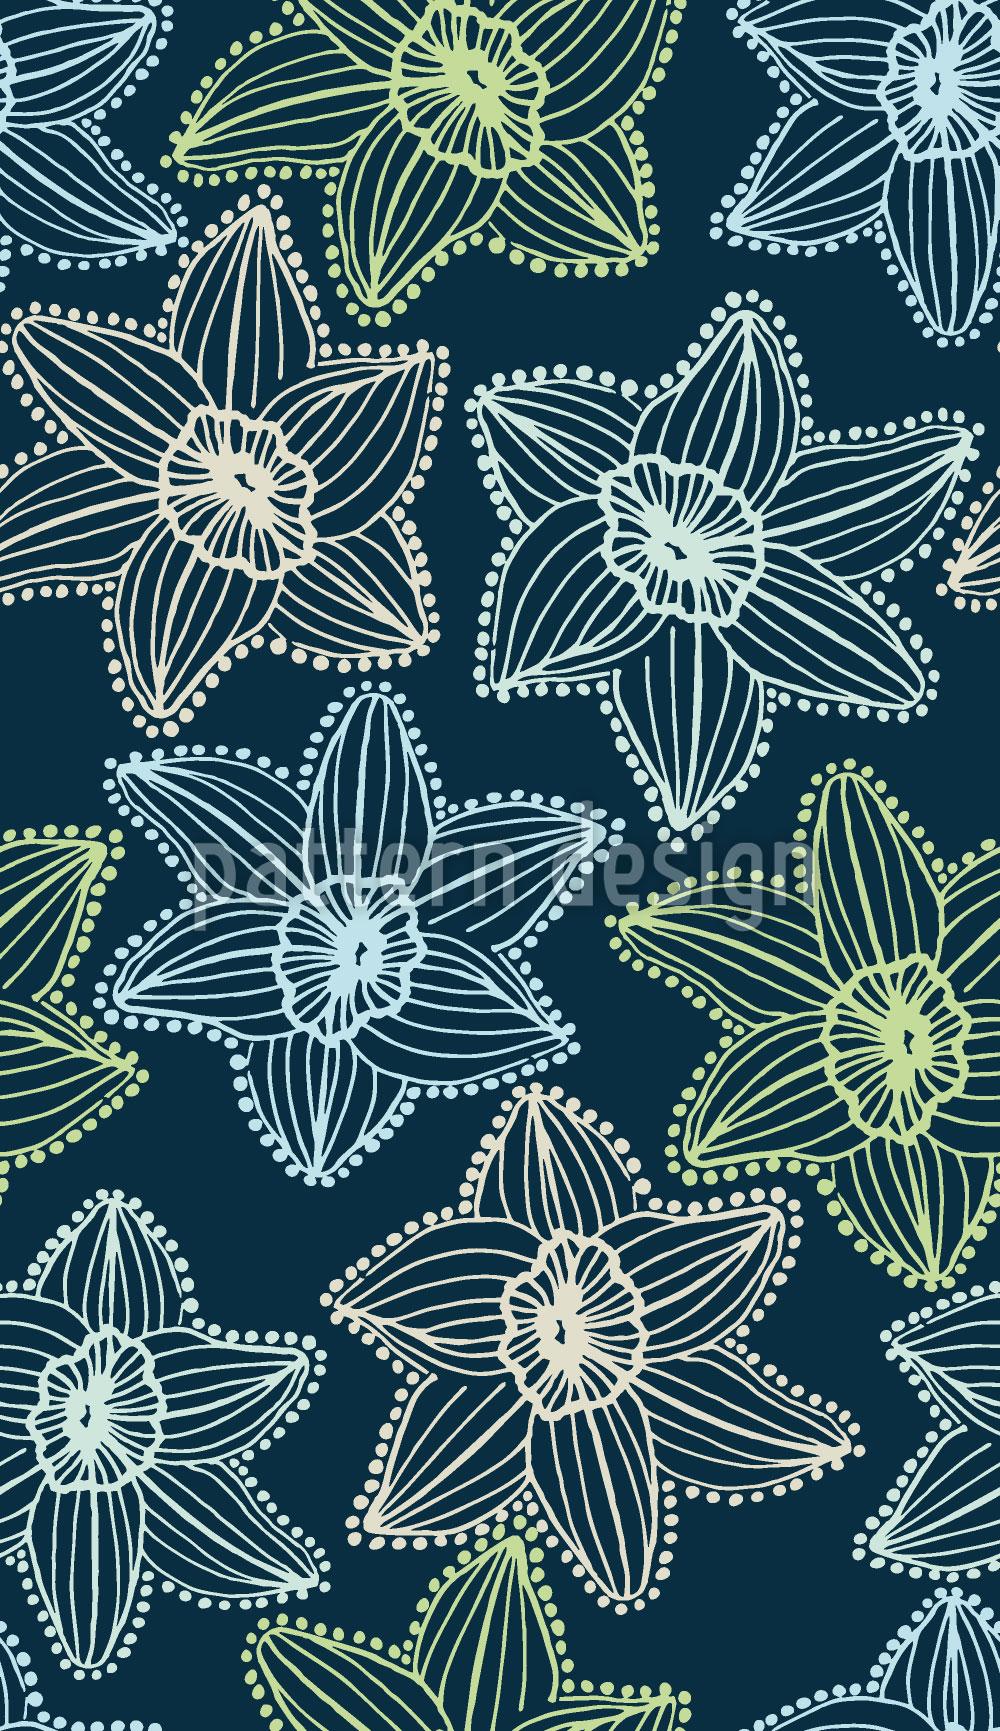 Designtapete Blumen Transparenz